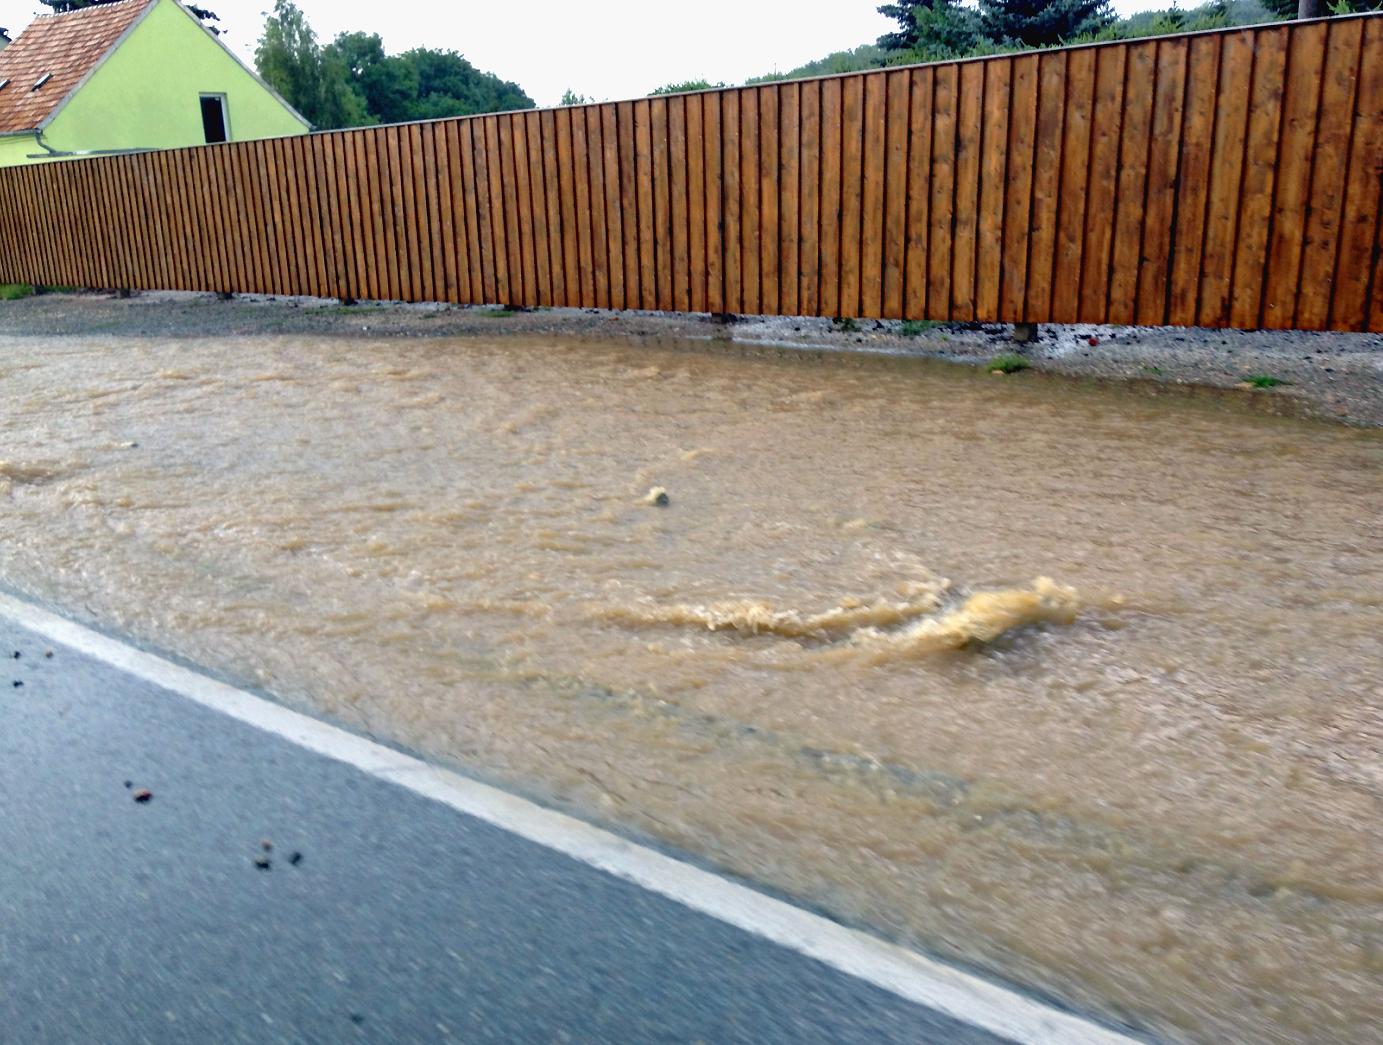 Überflutungen – Ermittlung der Ursachen und Lösungswege